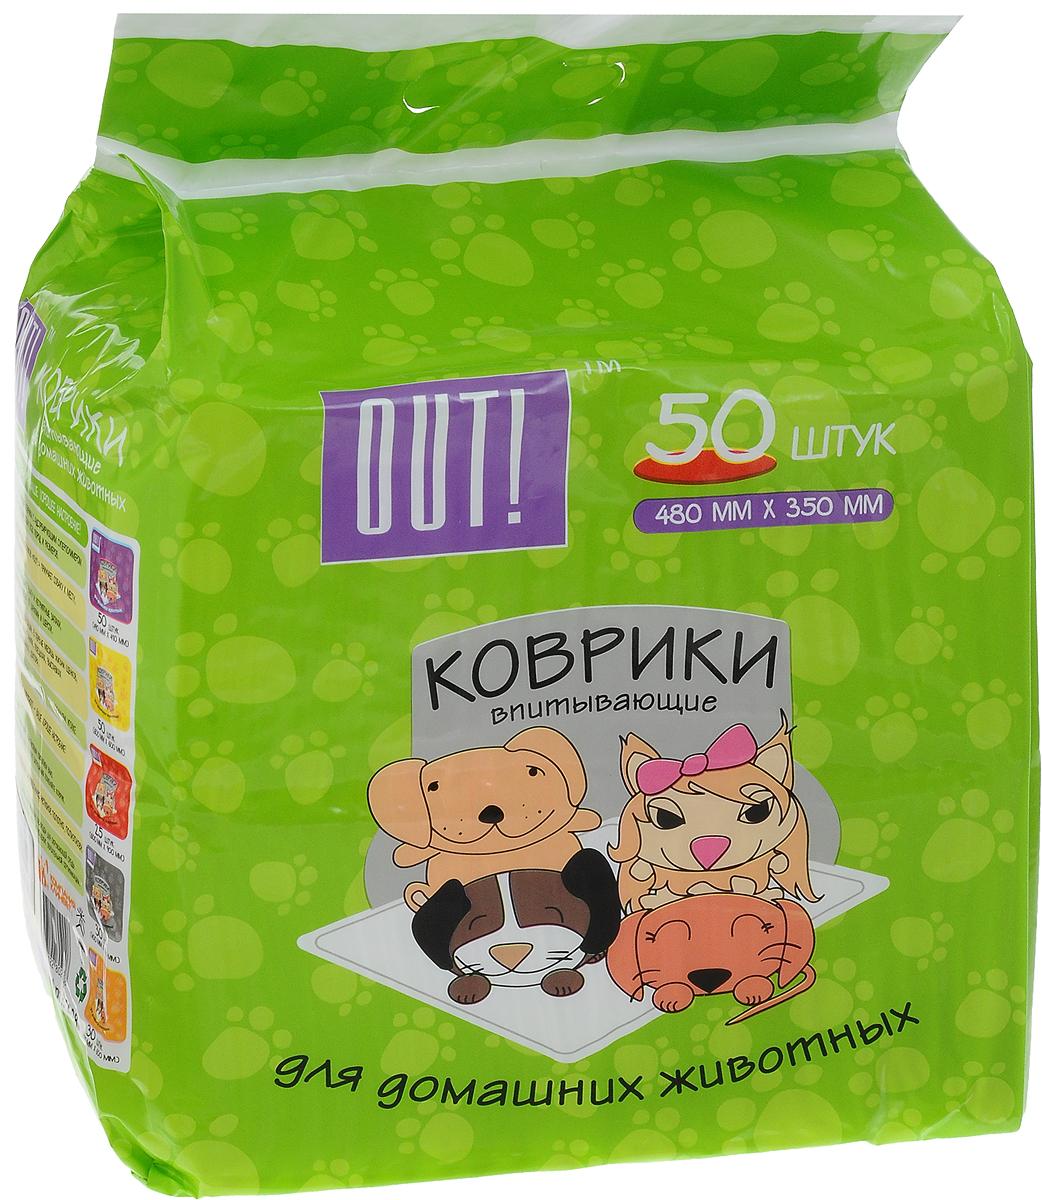 """Коврики для домашних животных """"OUT!"""", впитывающие, 35 х 48 см, 50 шт"""